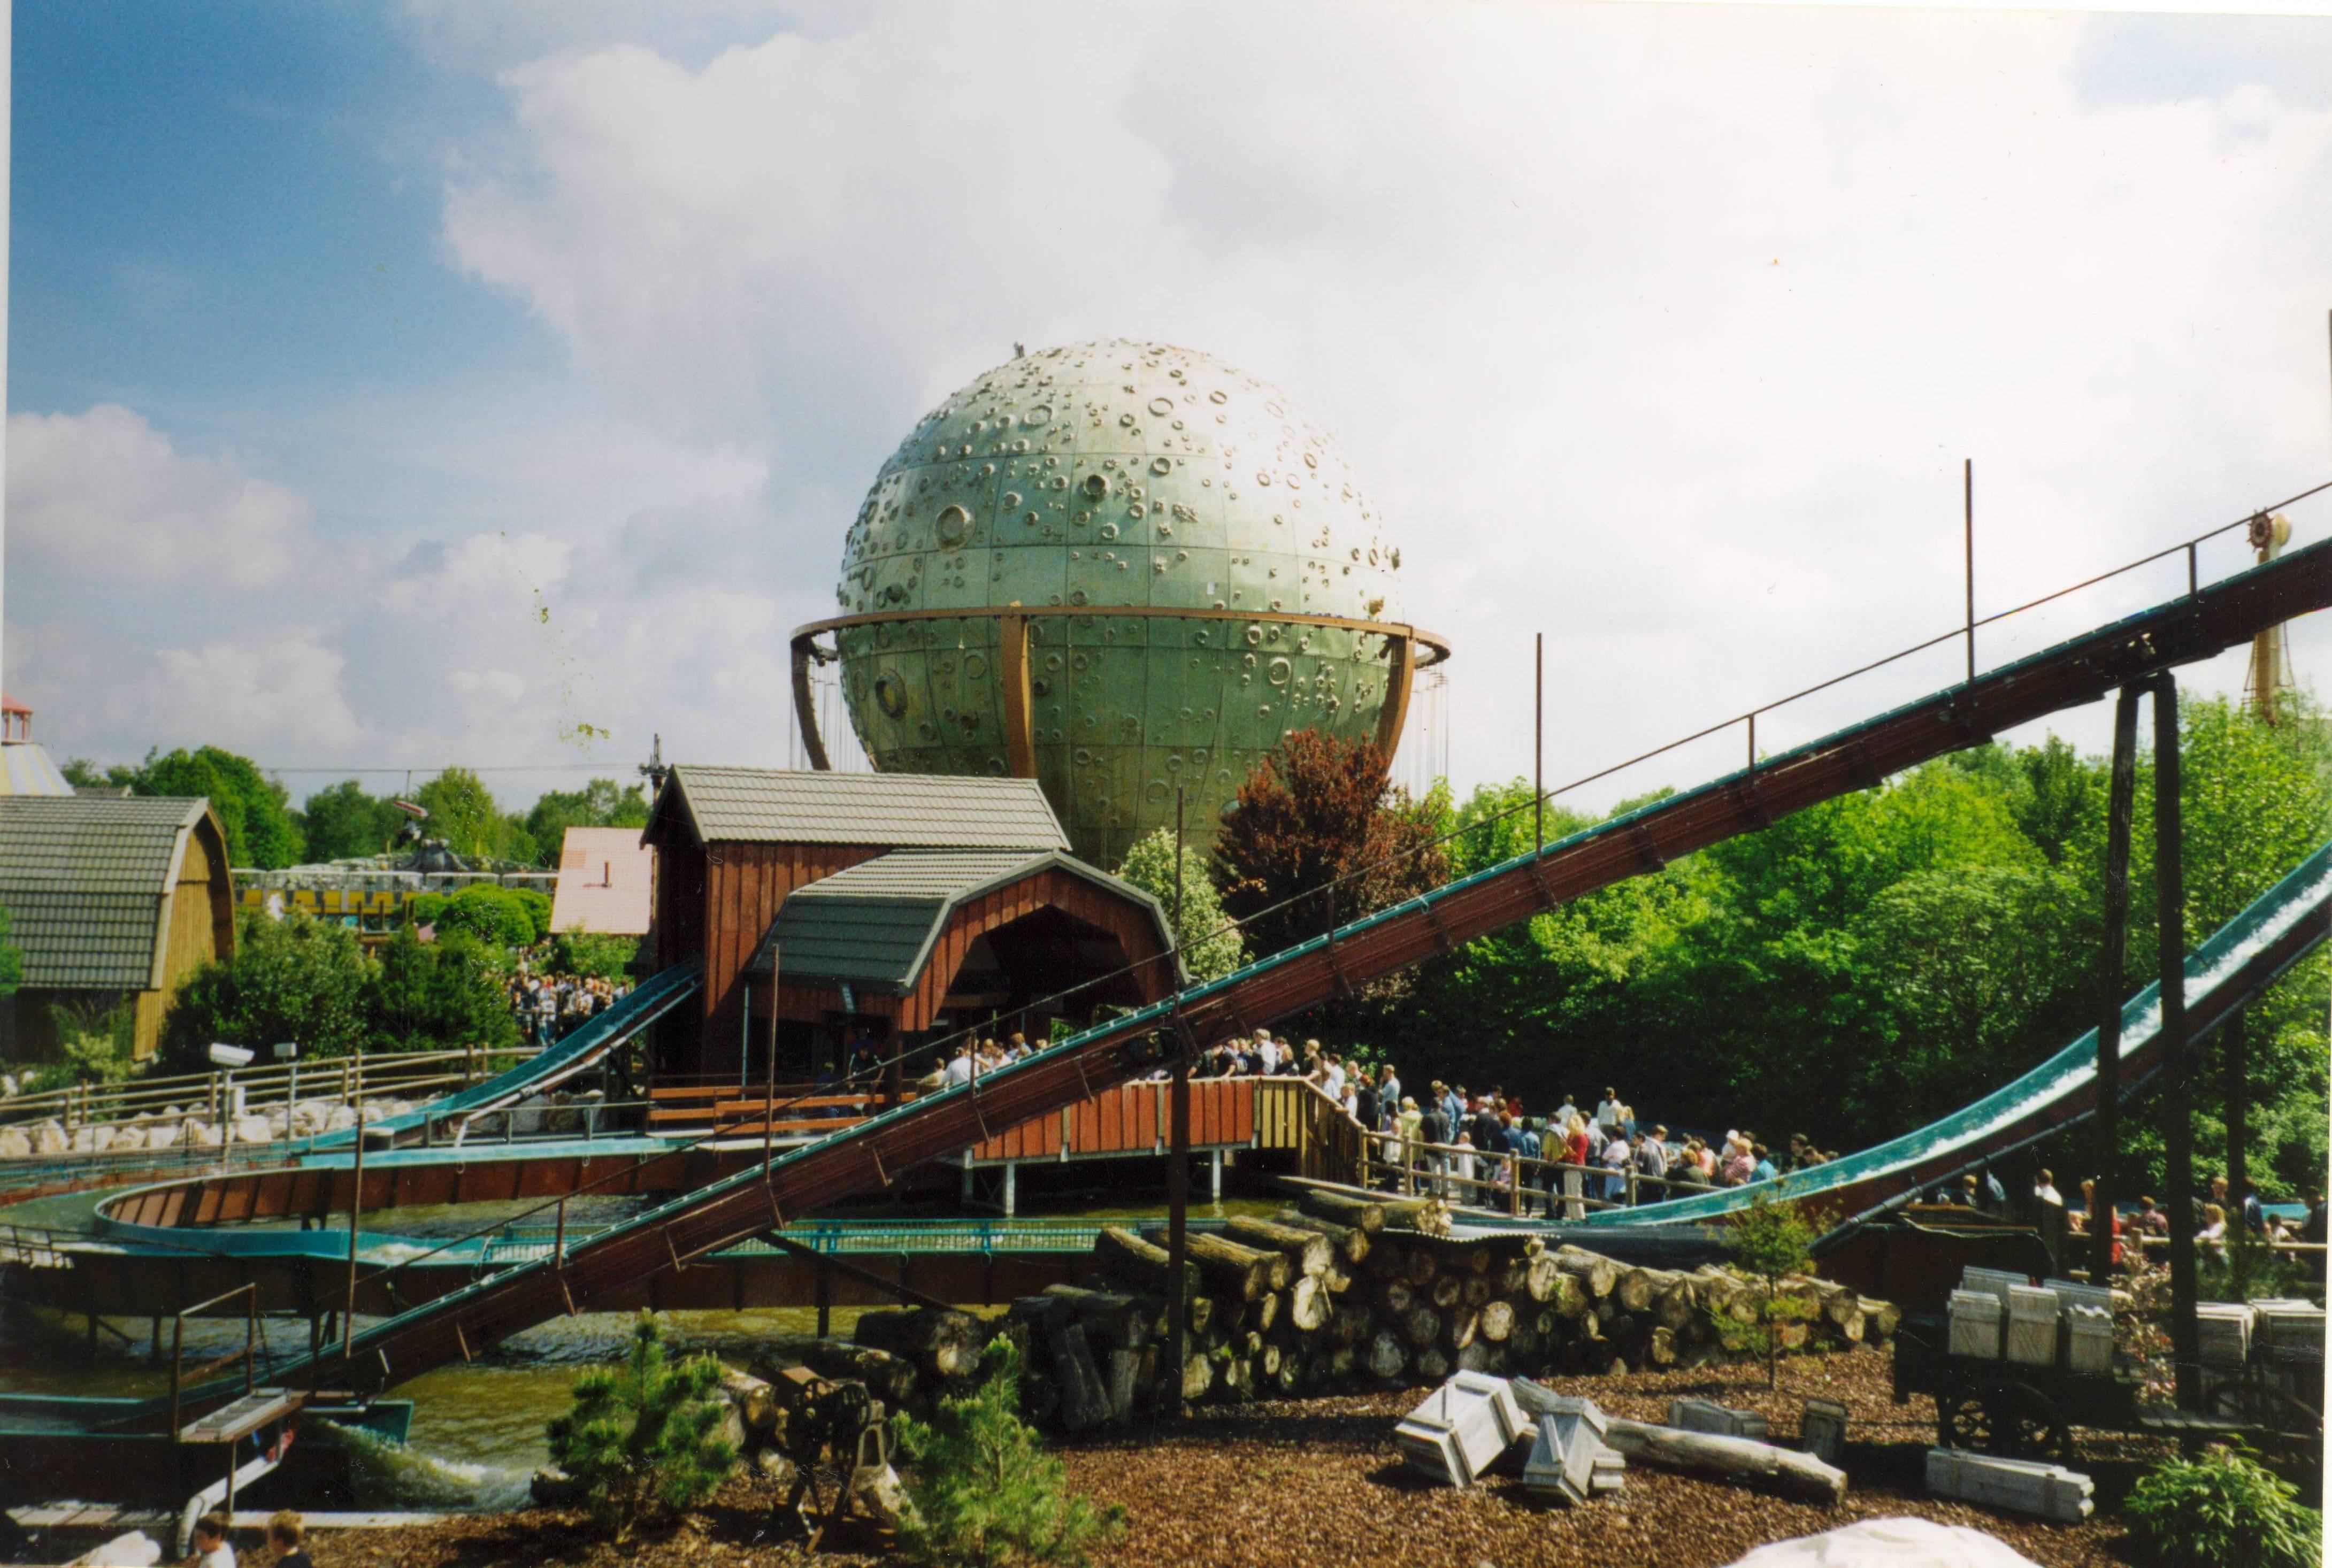 Supertrips - Vakantiepark & Attractiepark Slagharen